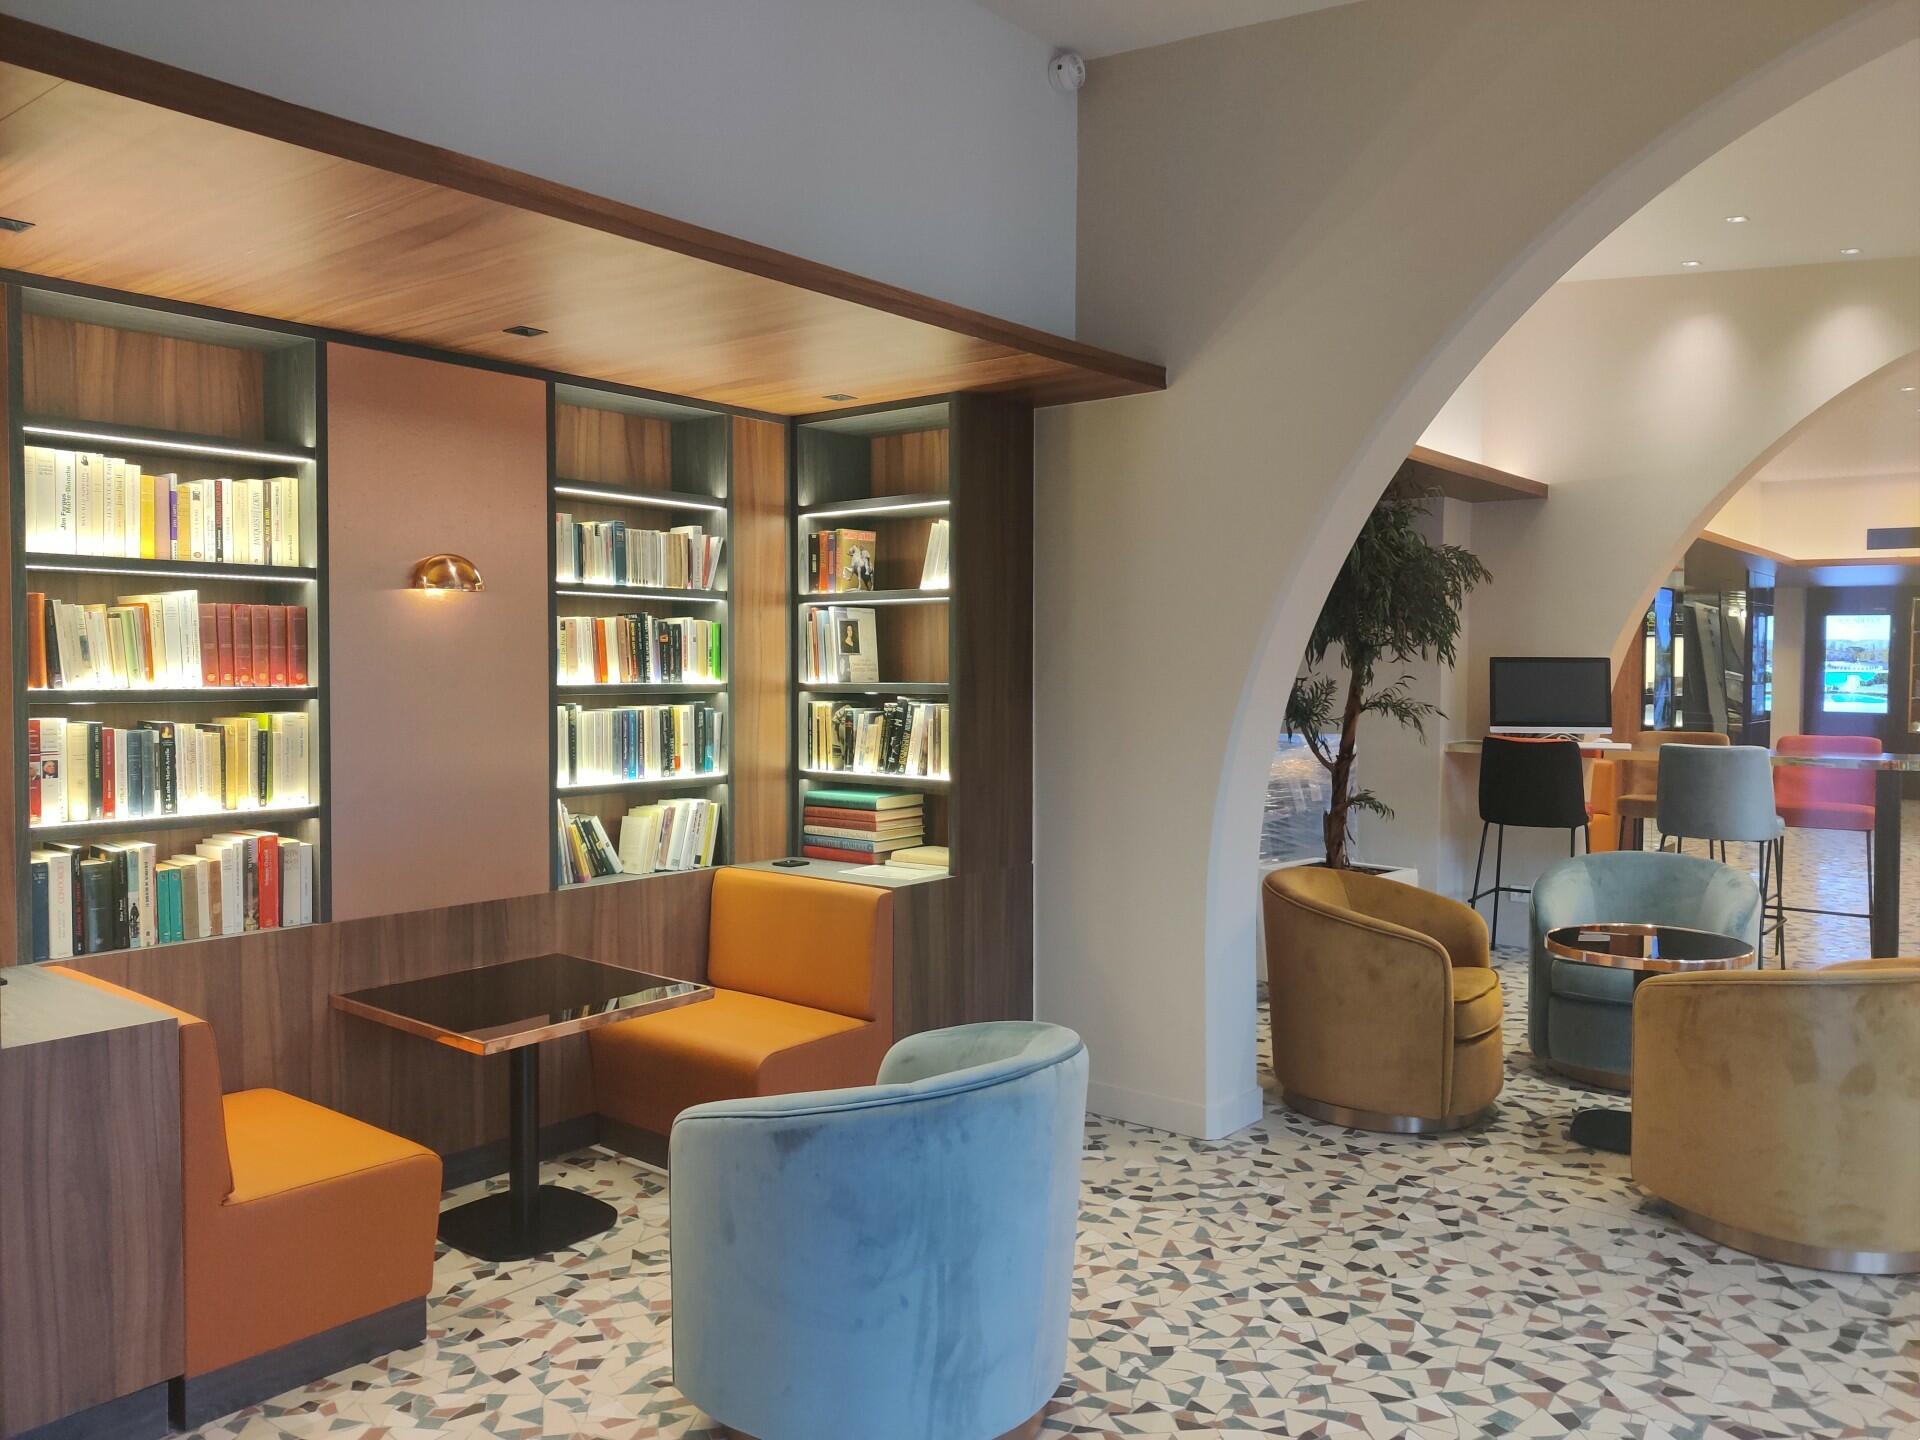 Reception at Aquabella Hotel & Spa in Aix-en-Provence